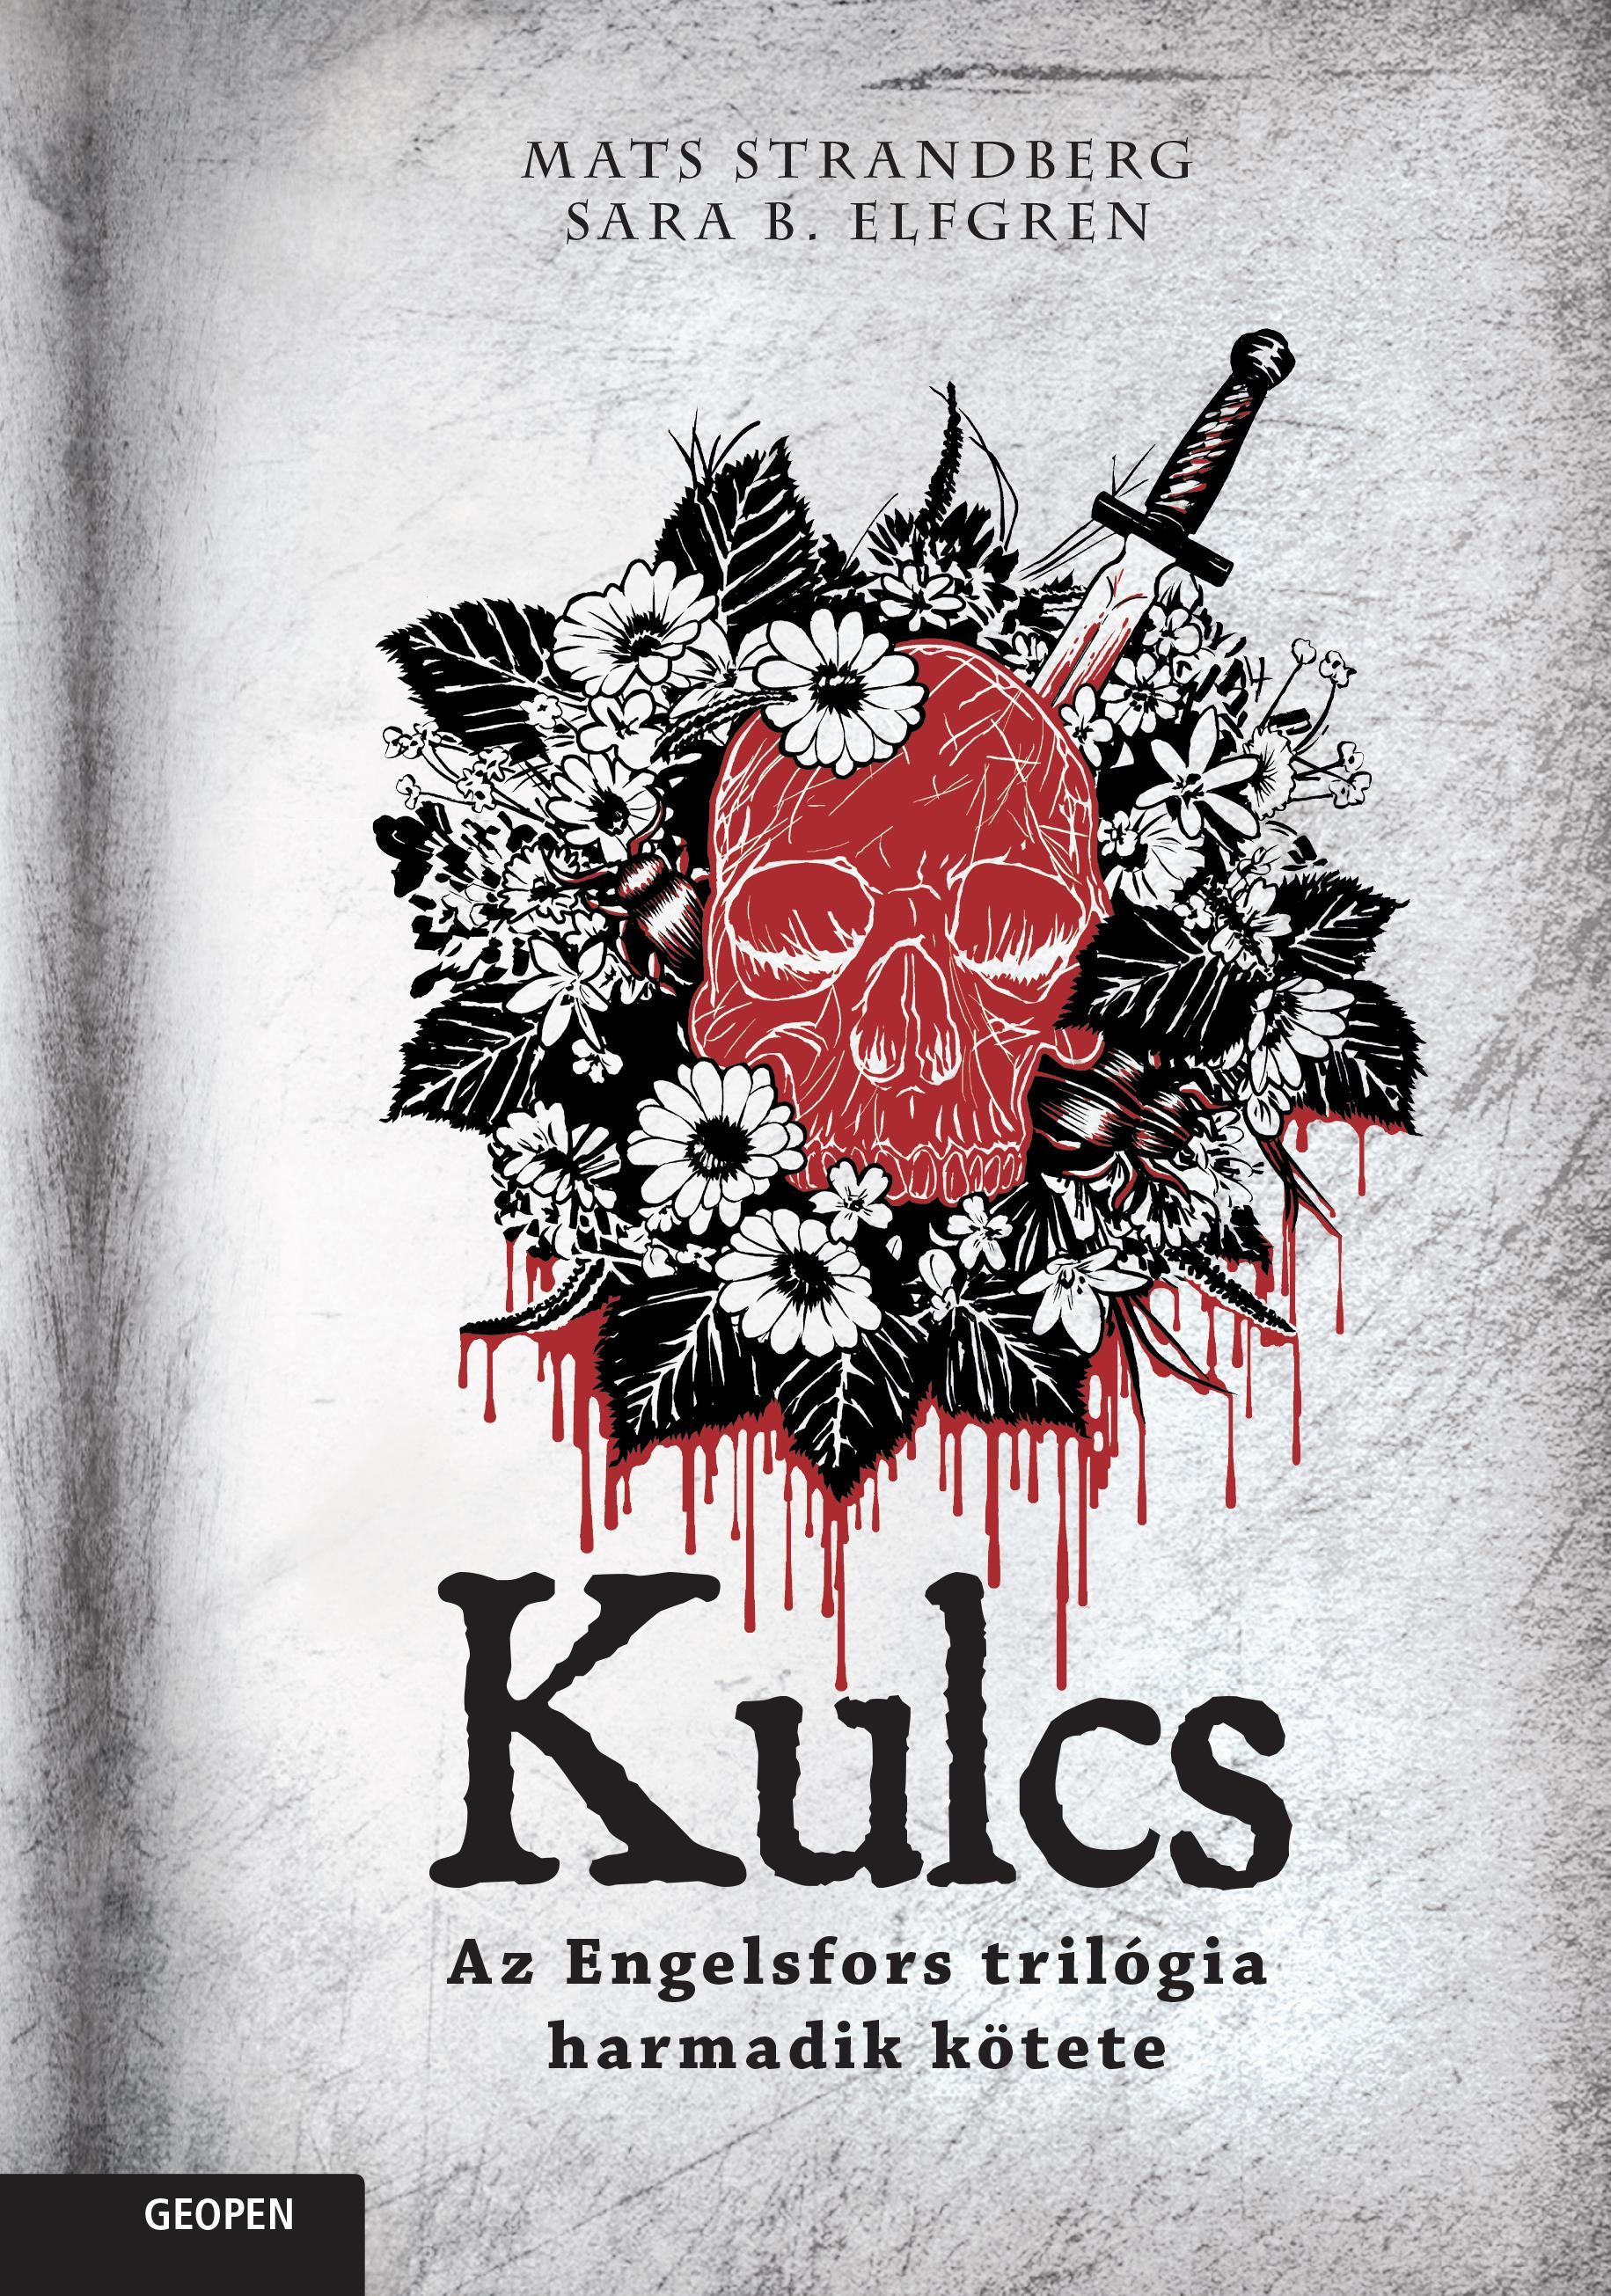 KULCS - AZ ELNGELSFORS TRILÓGIA 3.